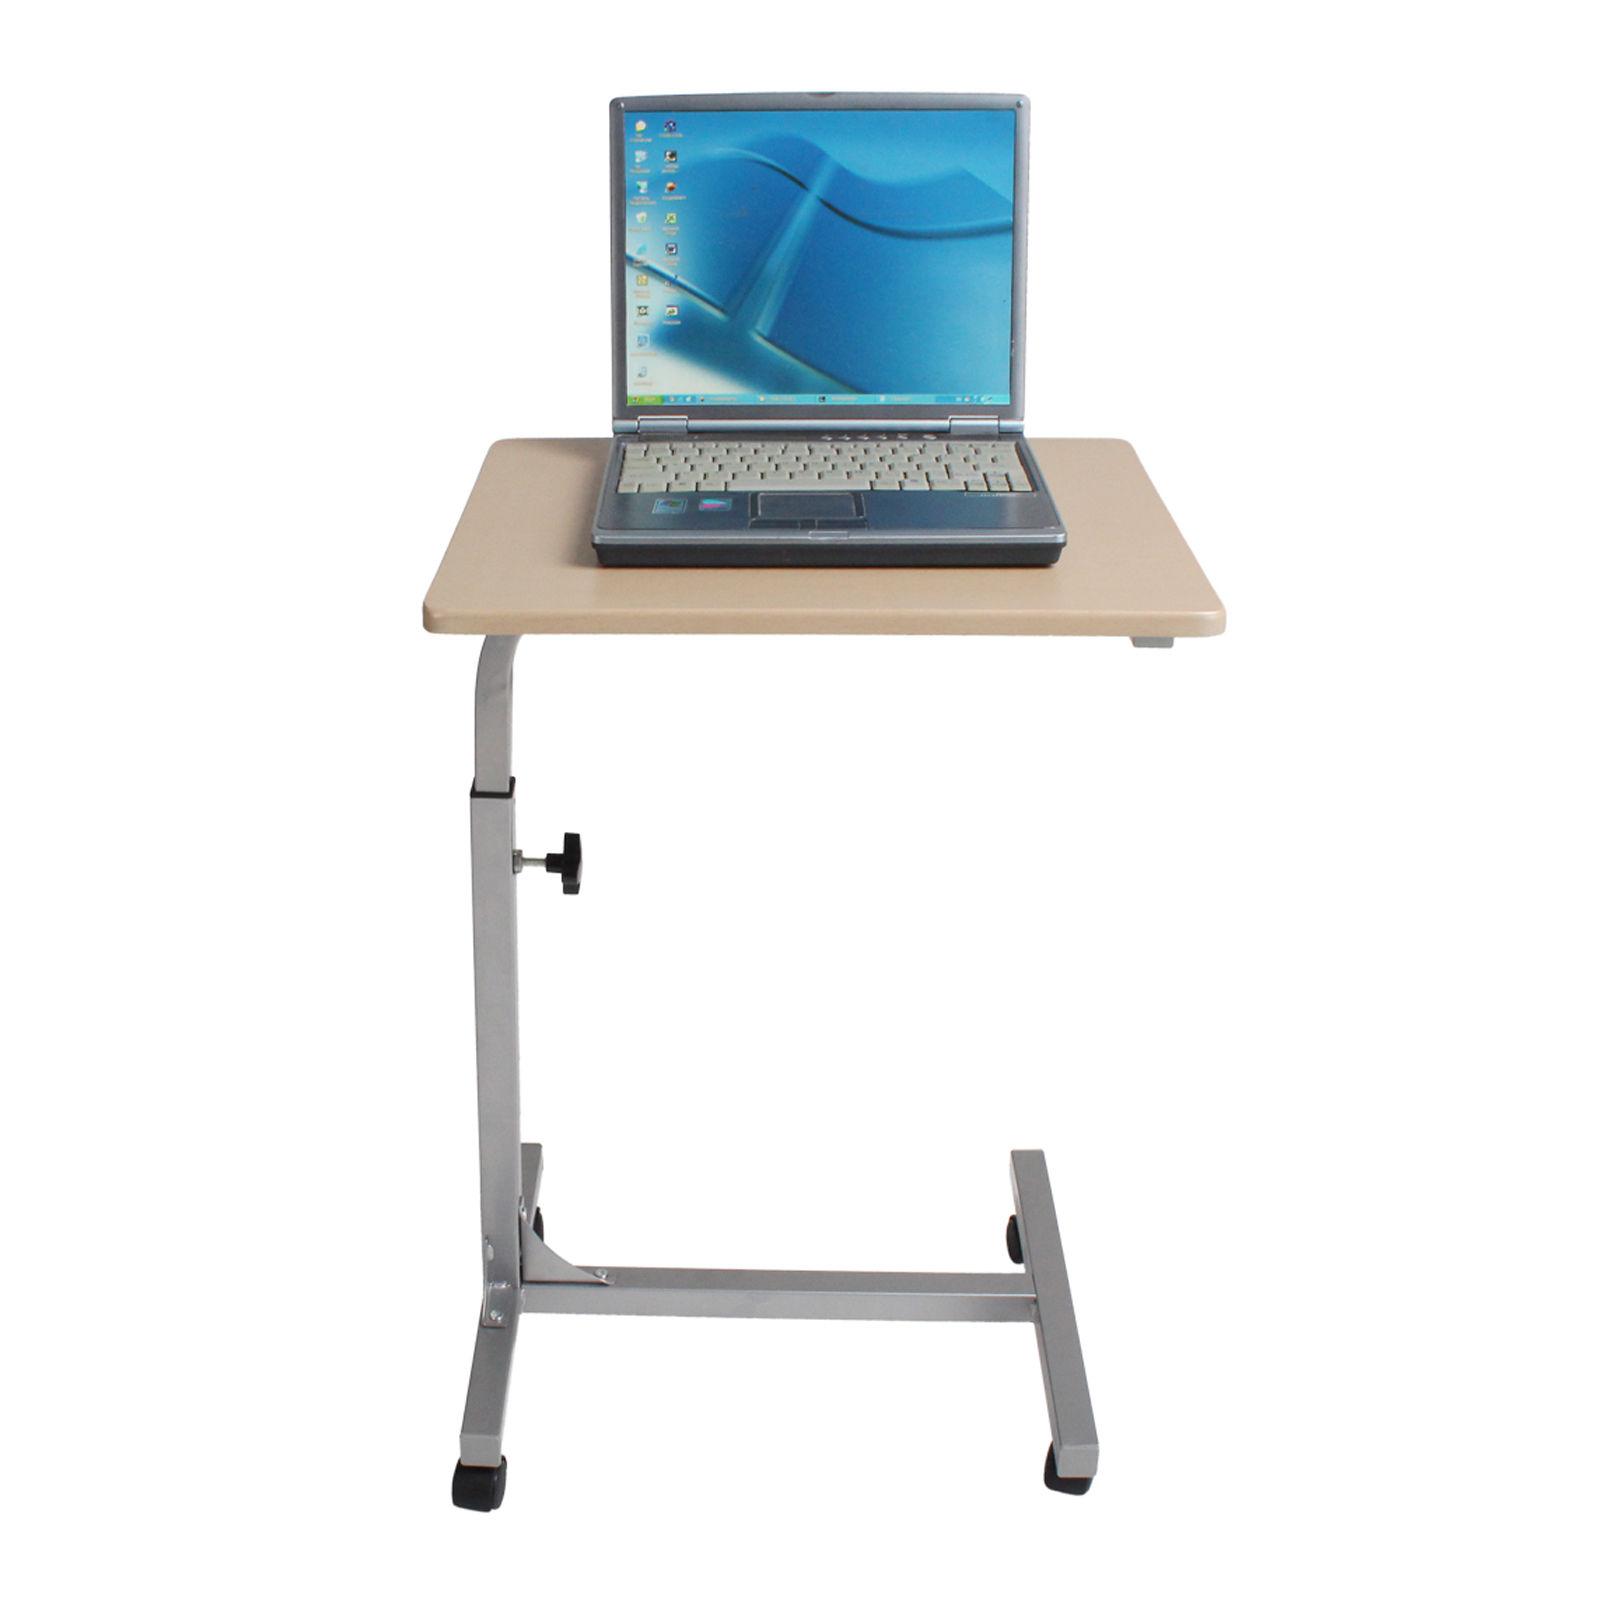 The Best 28 Images Of Rolling Desk Bed Adjustable Laptop